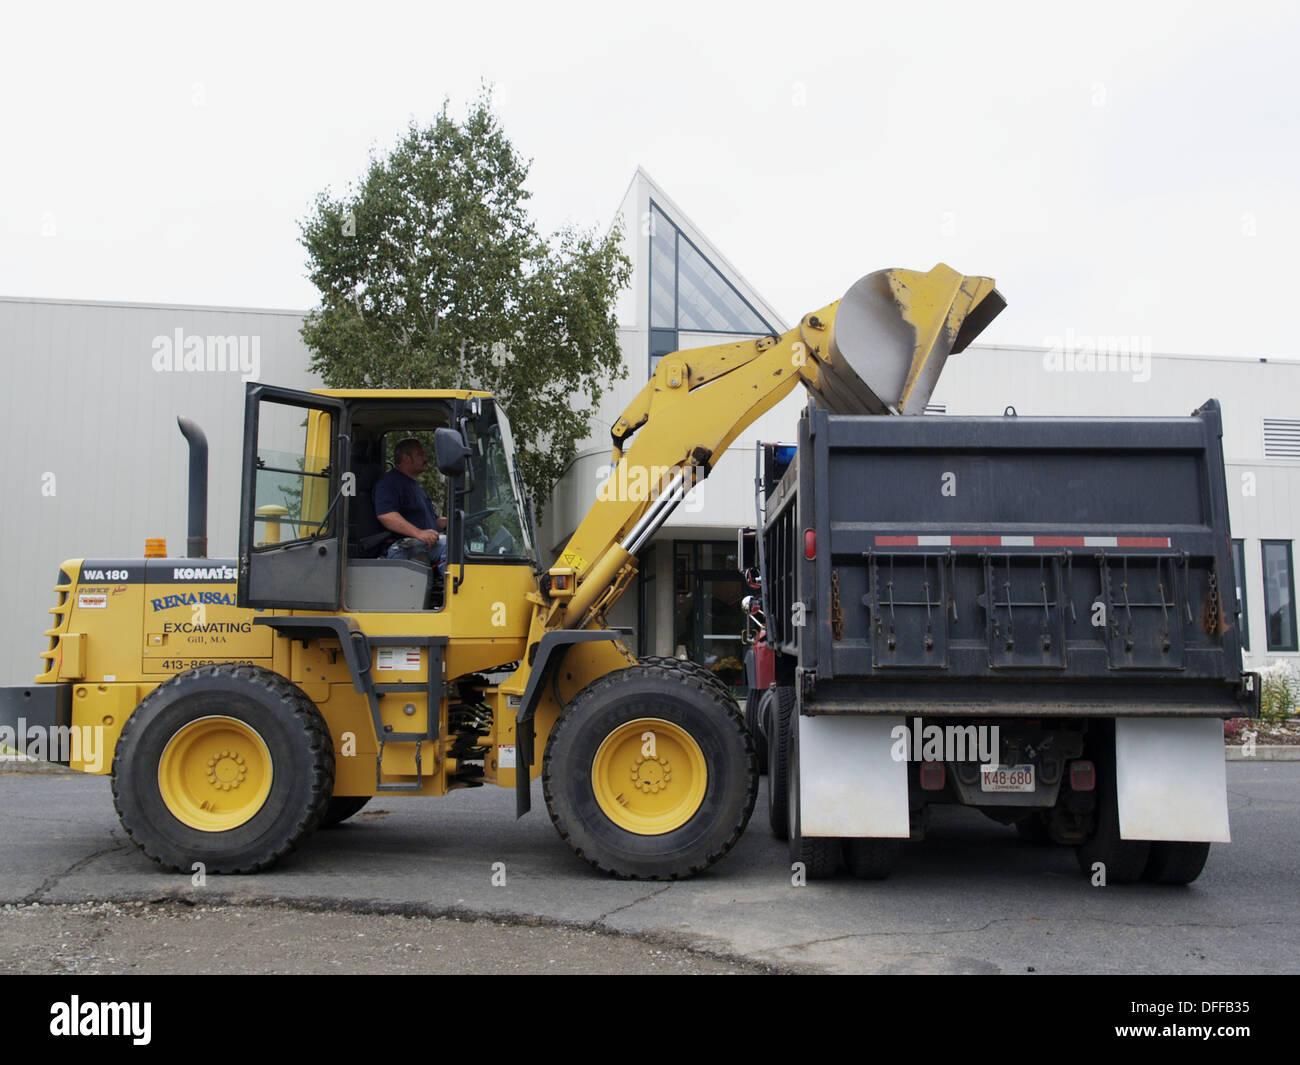 Dump Truck And Front End Loader Removing Asphalt In